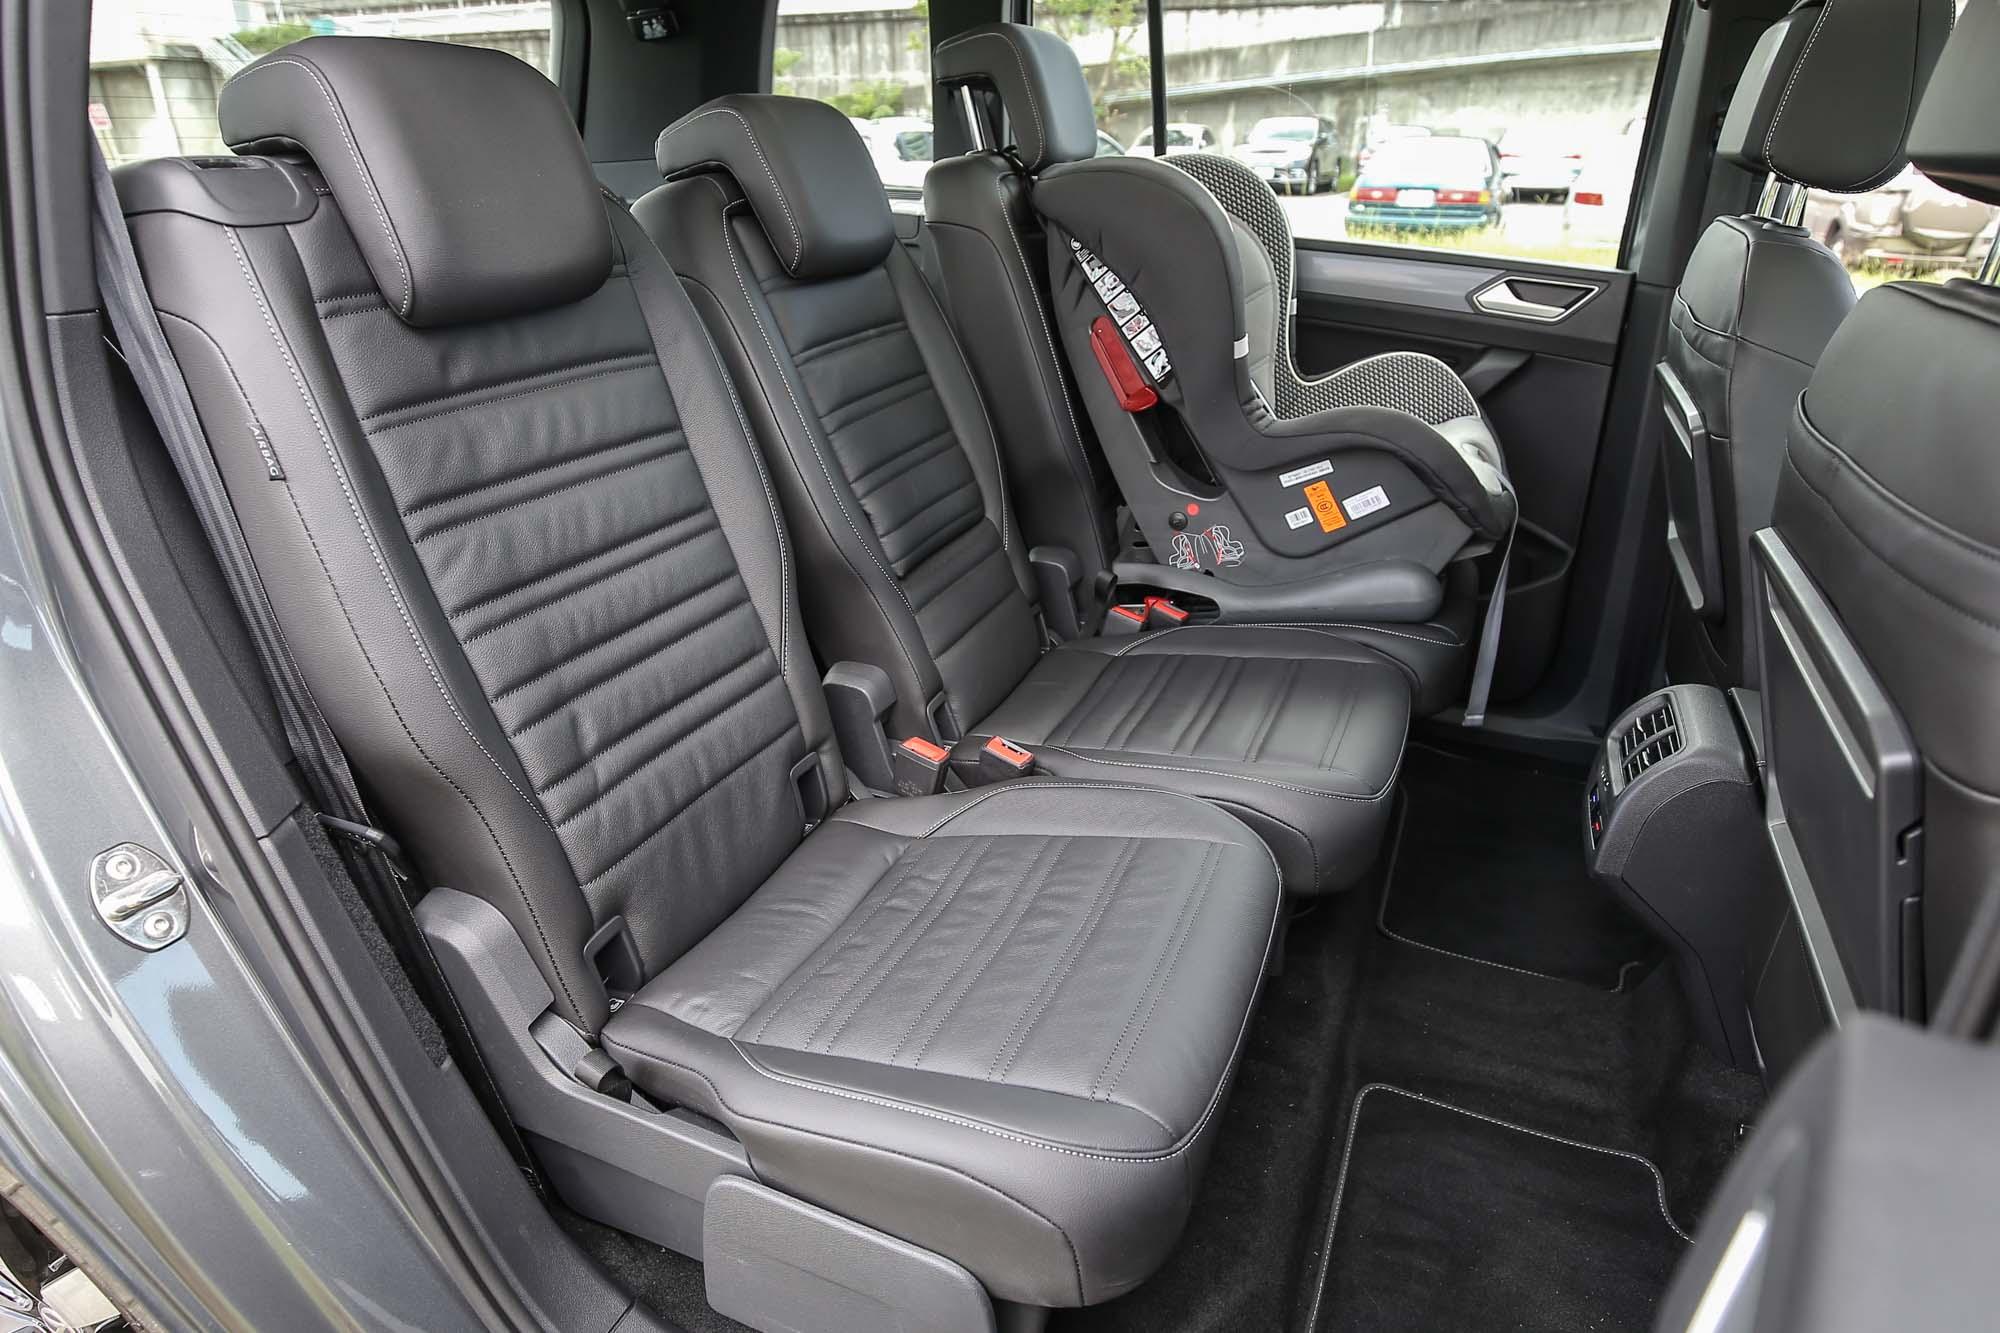 第二排座椅採取三只獨立座椅設計,個別皆具有前後滑移與椅背角度調整功能。